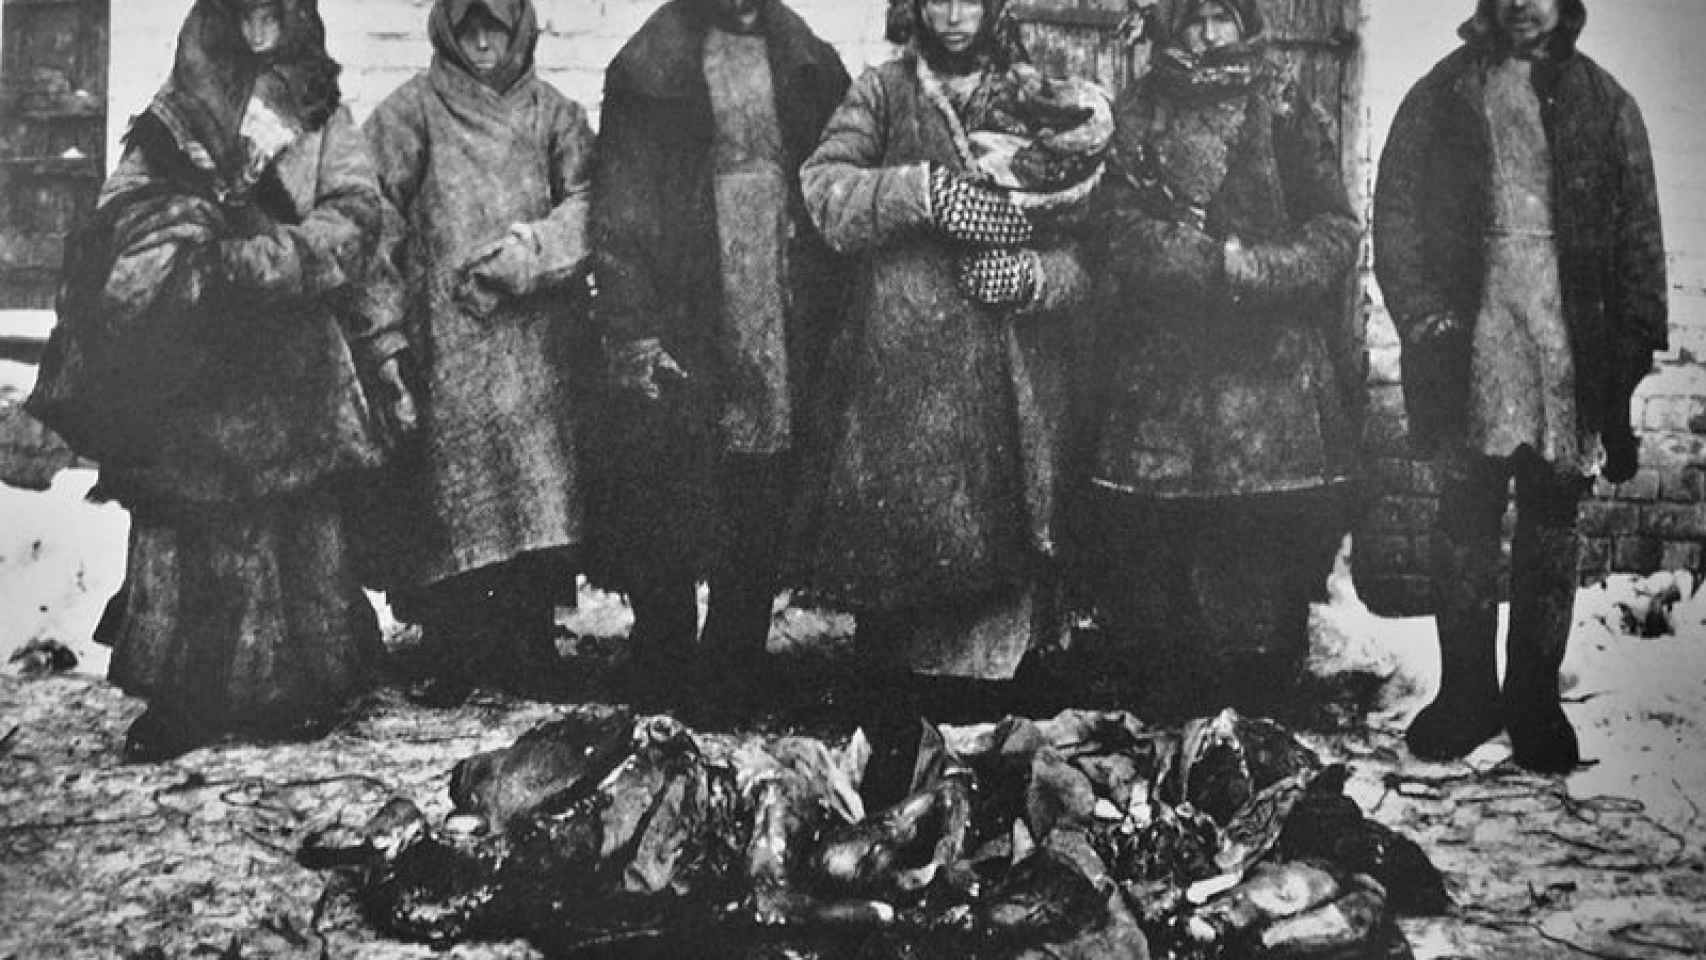 Otra imagen de la hambruna rusa de 1921: ciudadanos de Bouzuluk posan con restos humanos devorados.